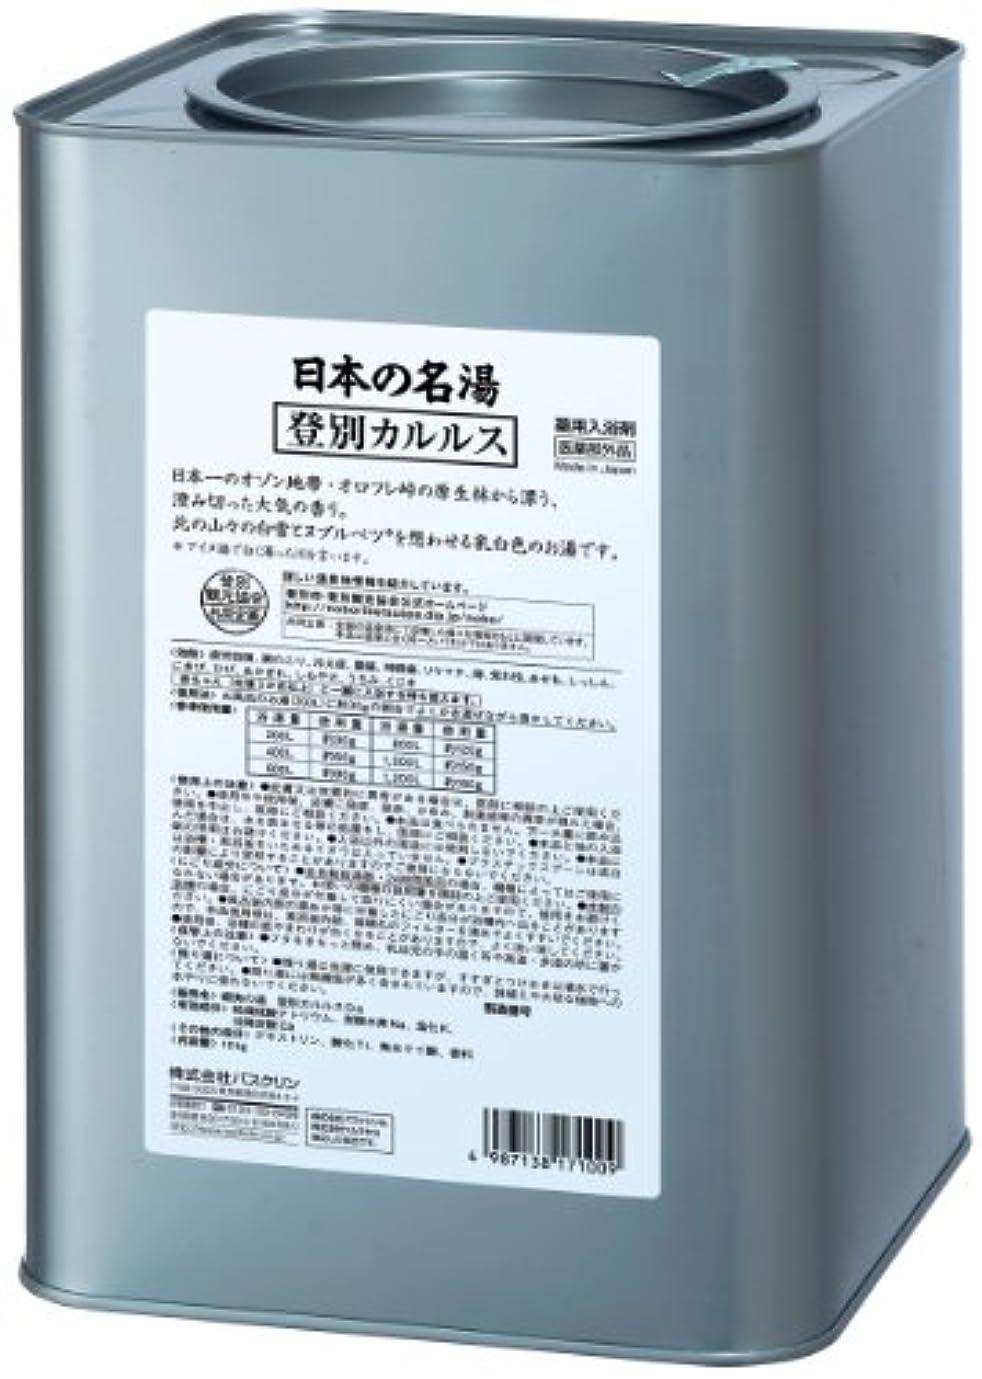 プレゼント下品肥満【医薬部外品/業務用】日本の名湯入浴剤 登別カルルス(北海道)10kg 大容量 温泉成分 温泉タイプ